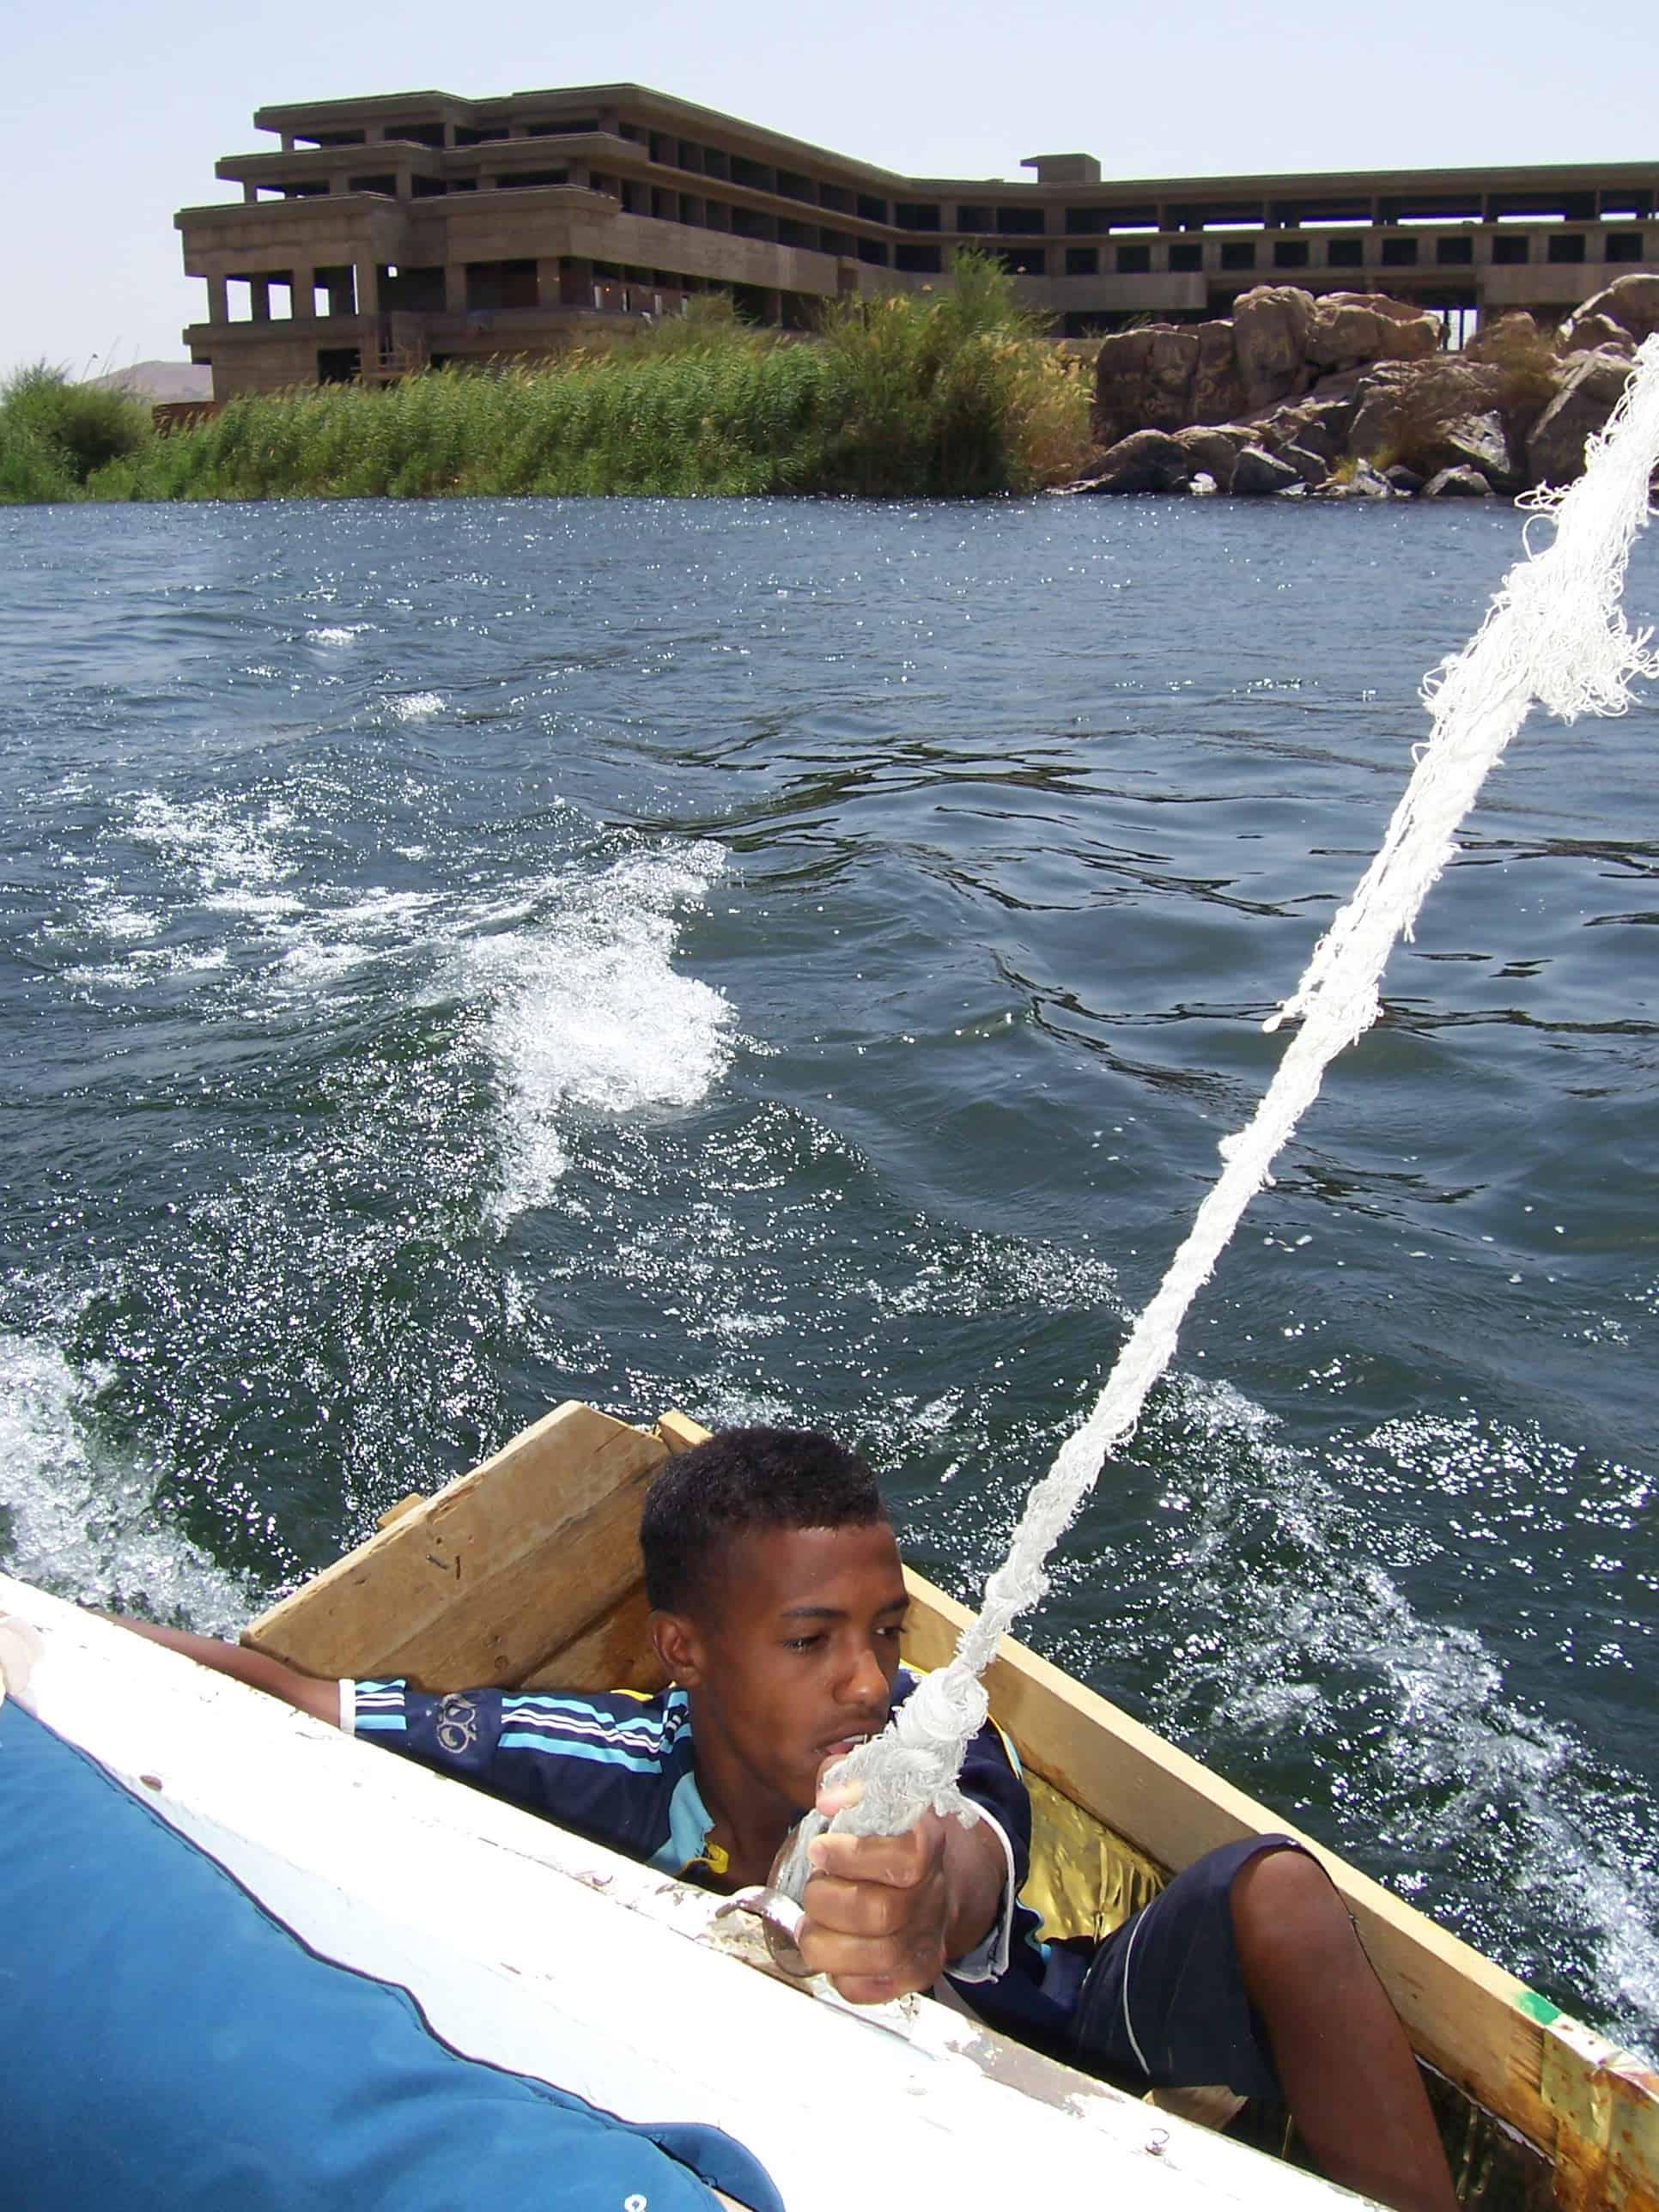 Mendigo do Nilo canta para turistas no Rio Nilo.